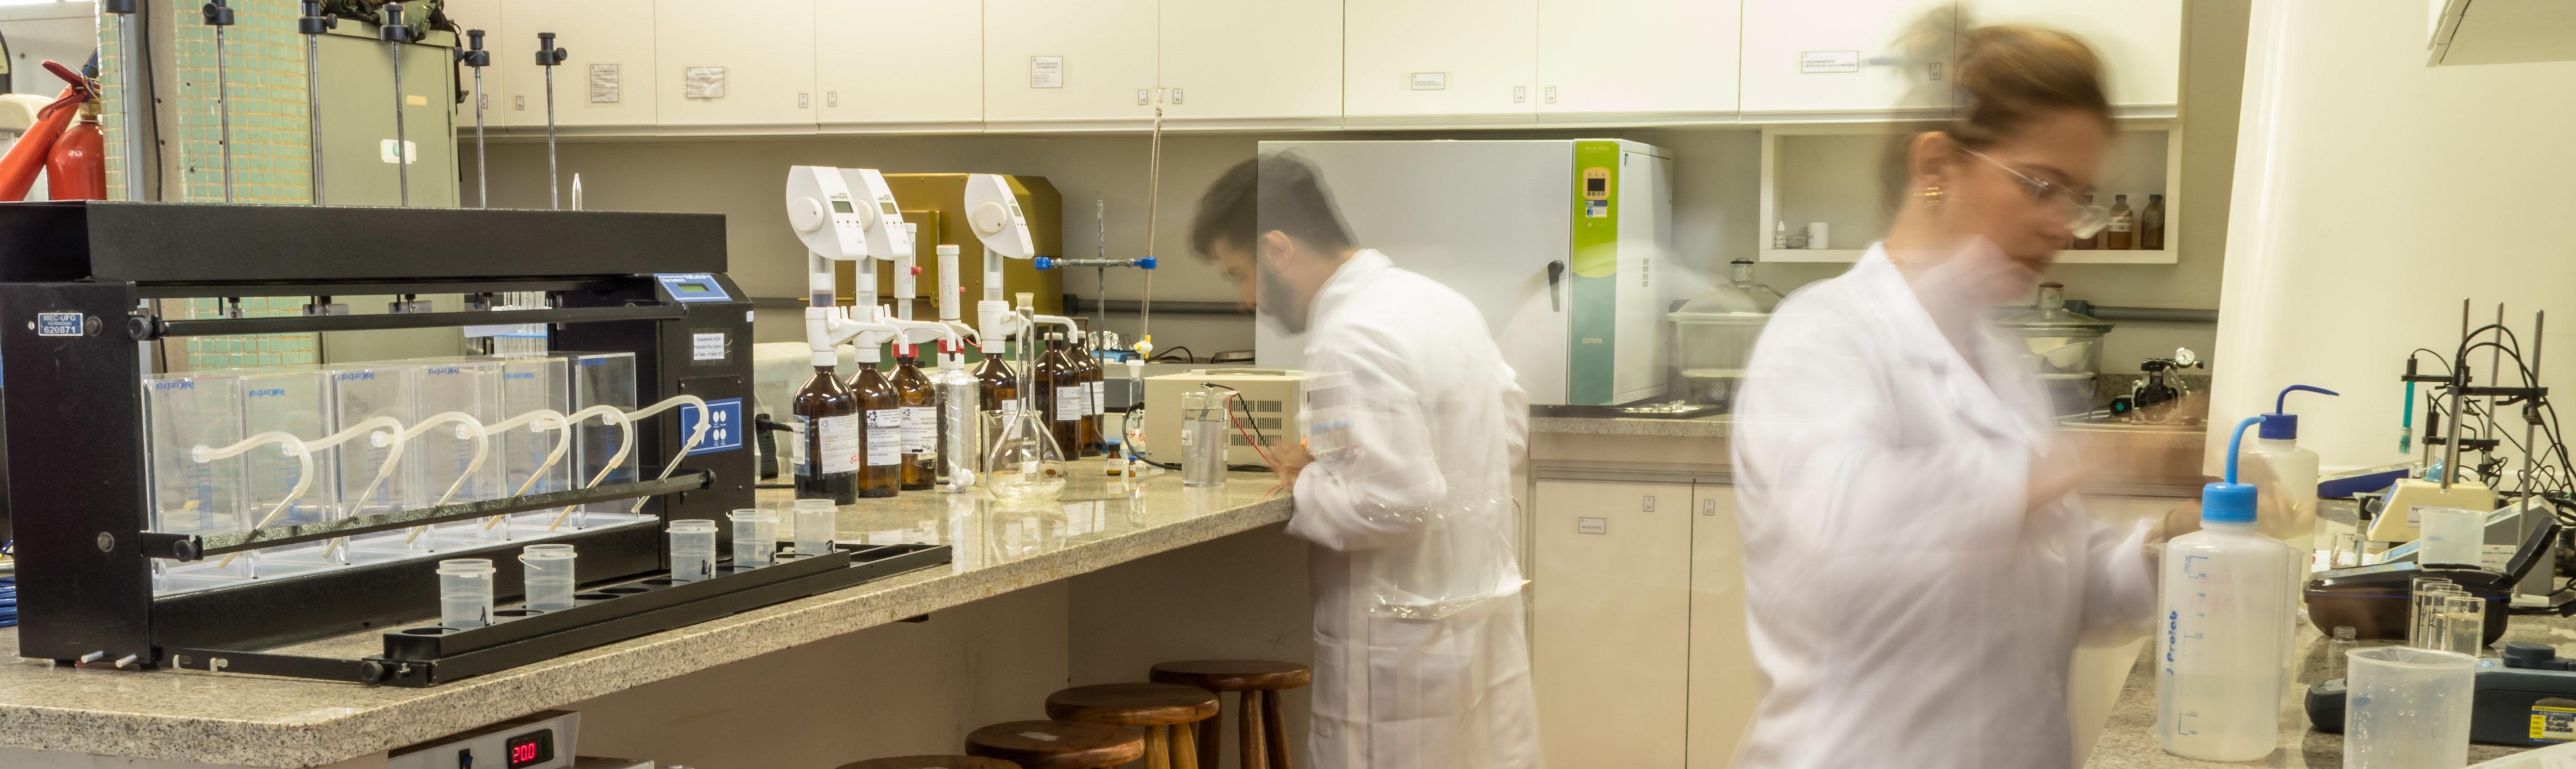 Imagens laboratório